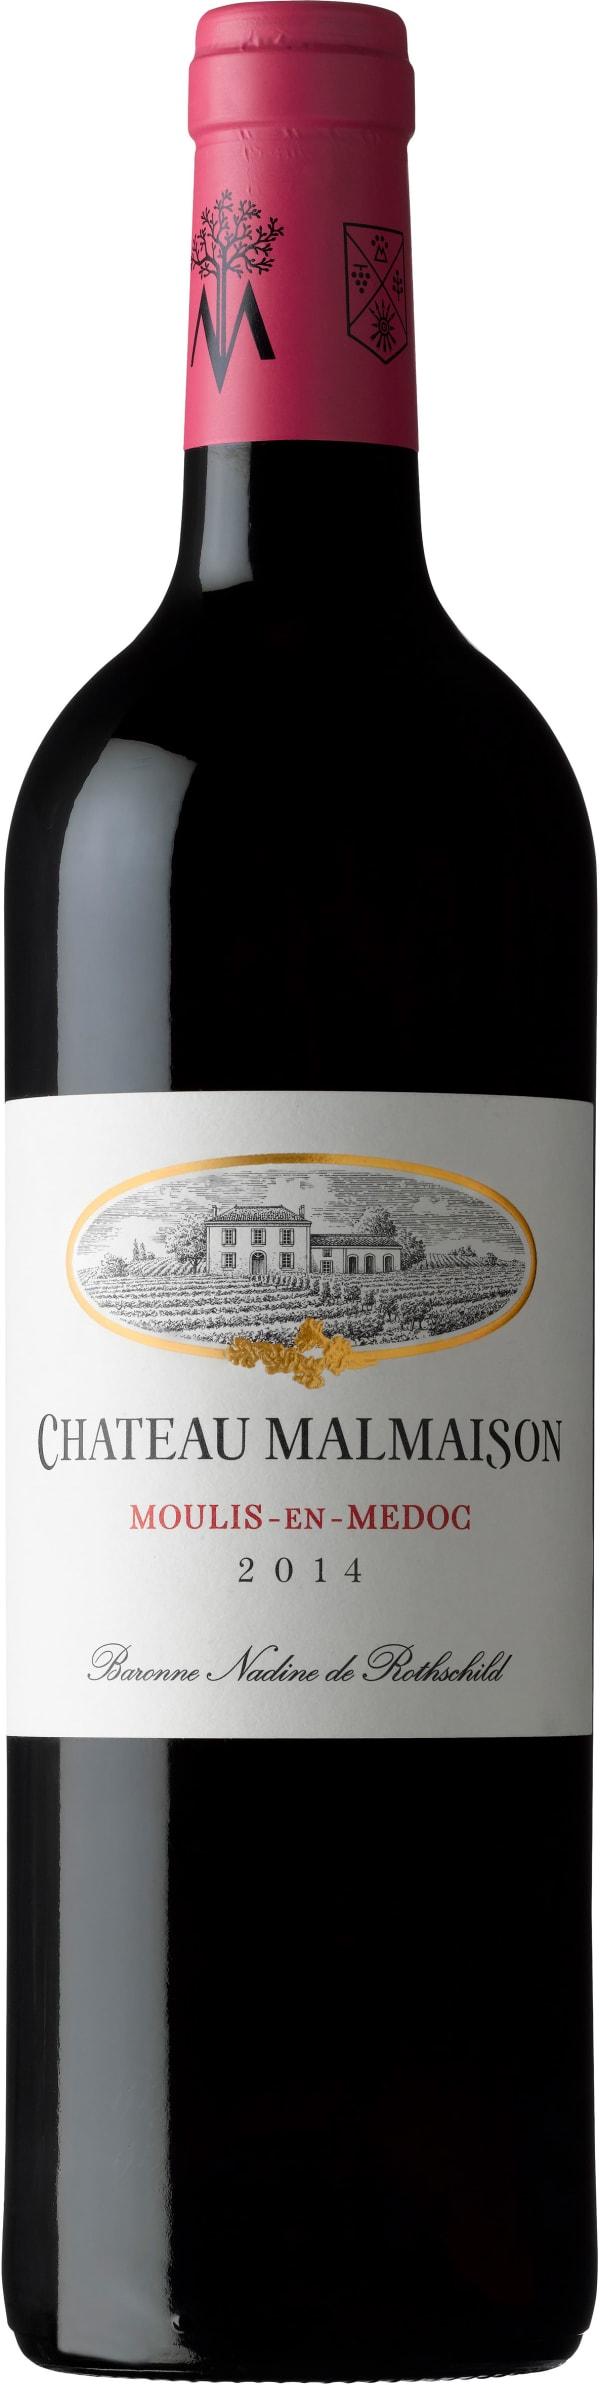 Chateau Malmaison 2014